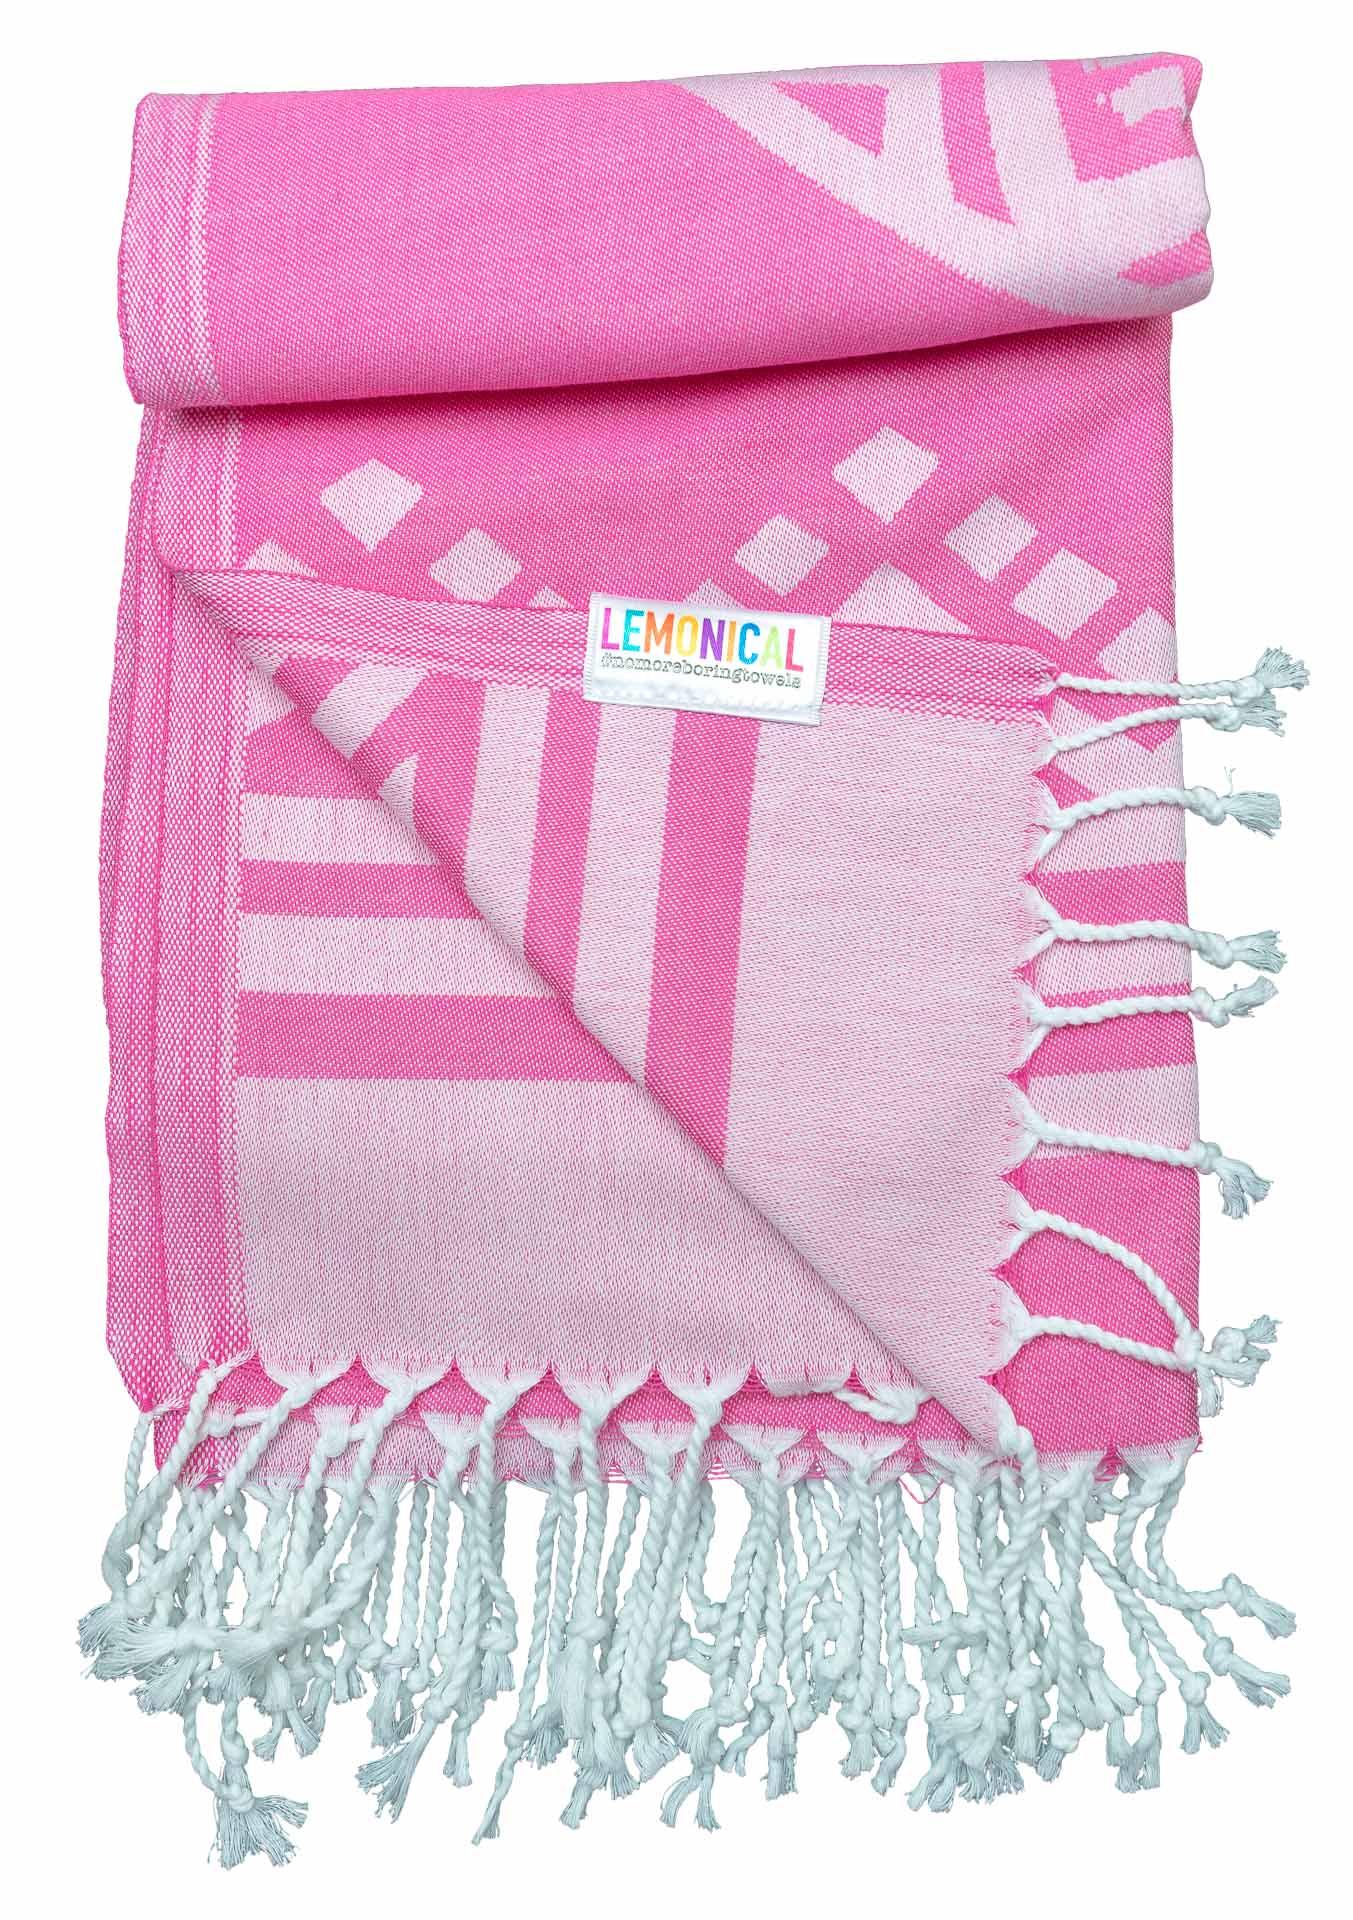 PINK ELEPHANT-Towel-Lemonical-4